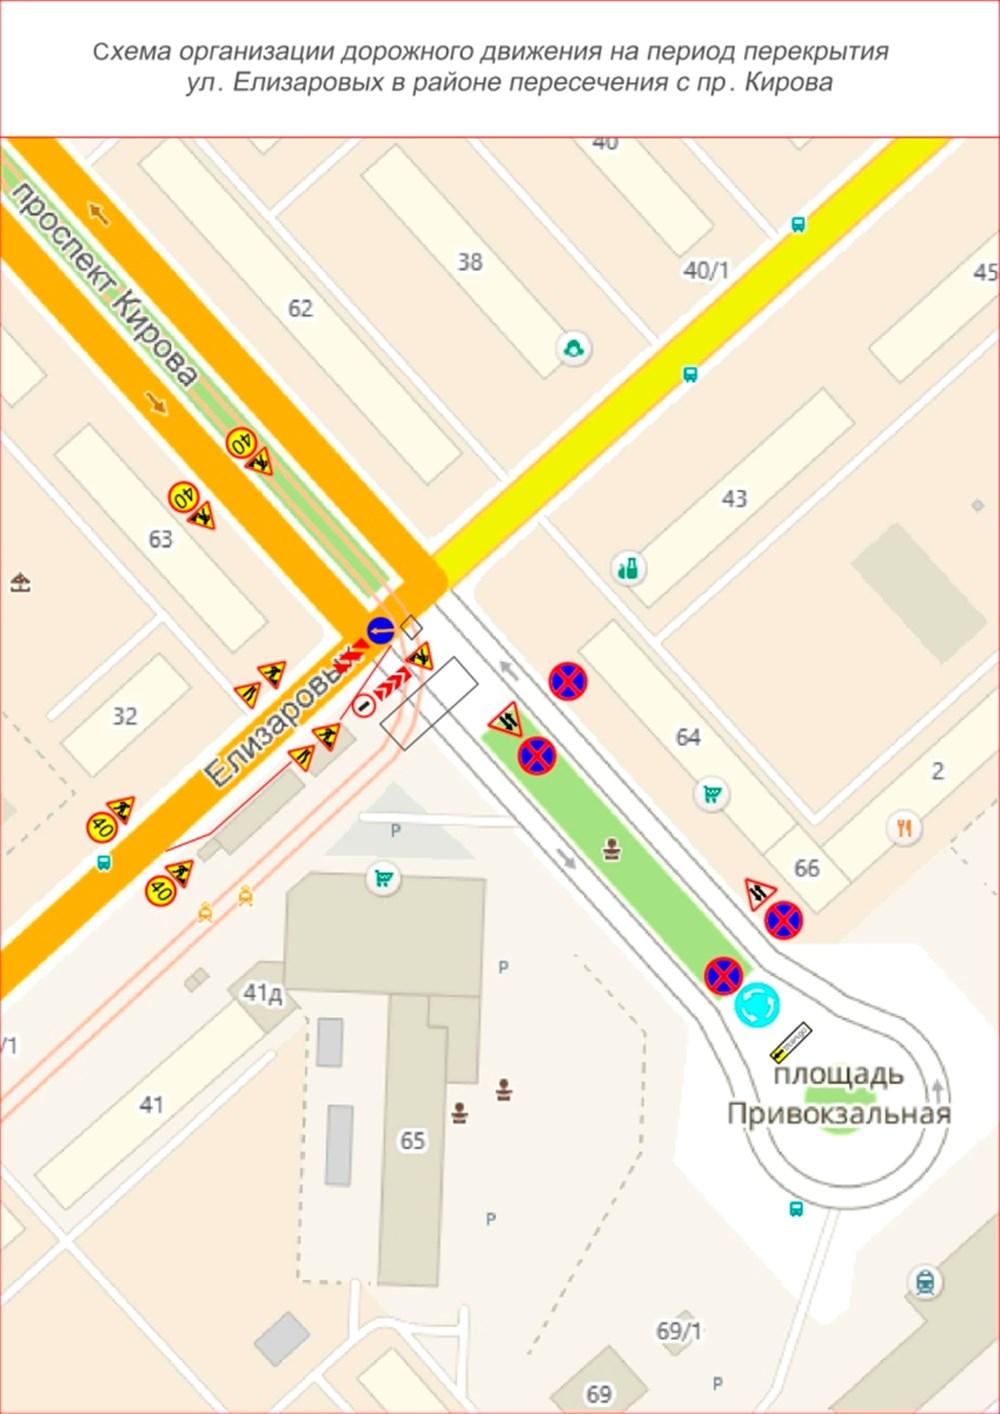 Схема движения автобусов кировского района